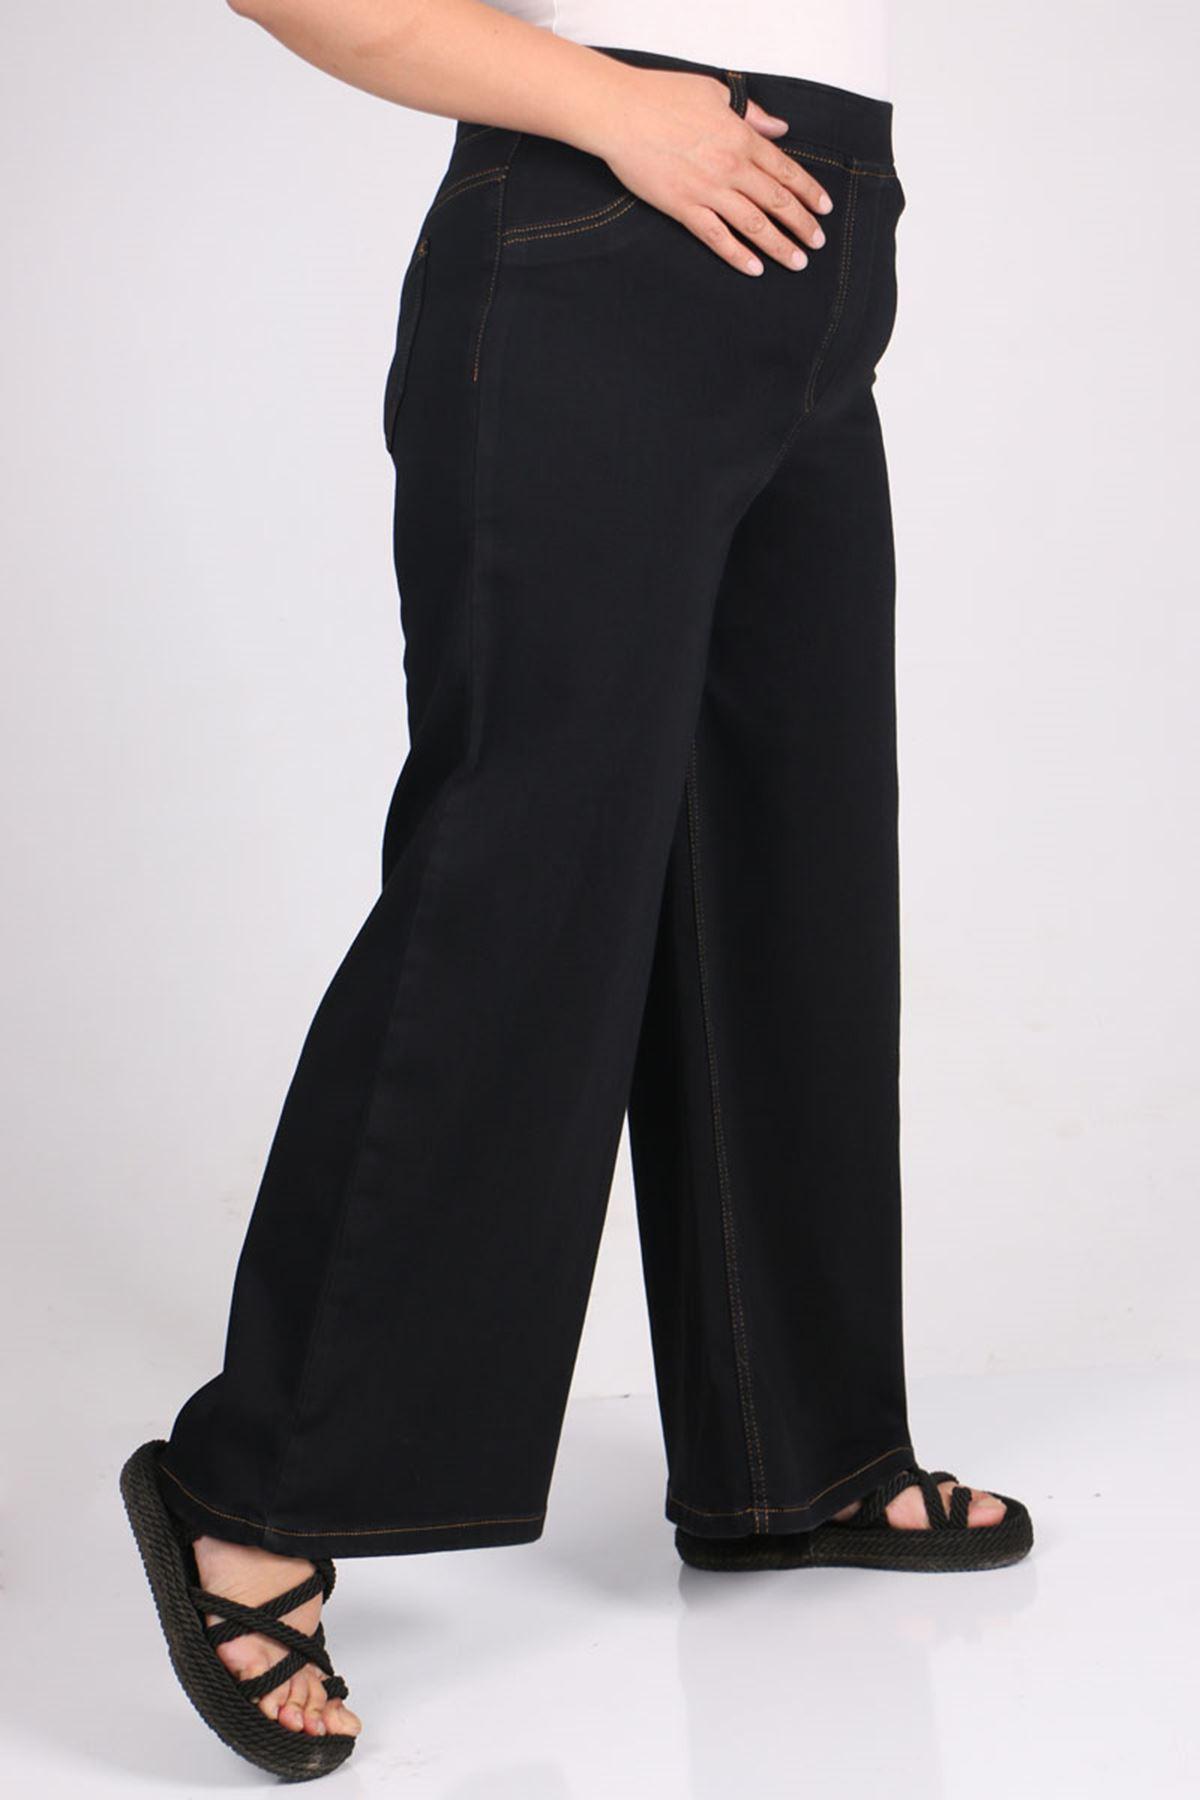 9142 بنطلون جينز مرن الخصر و واسع الساق و مقاس كبير  - أزرق داكن